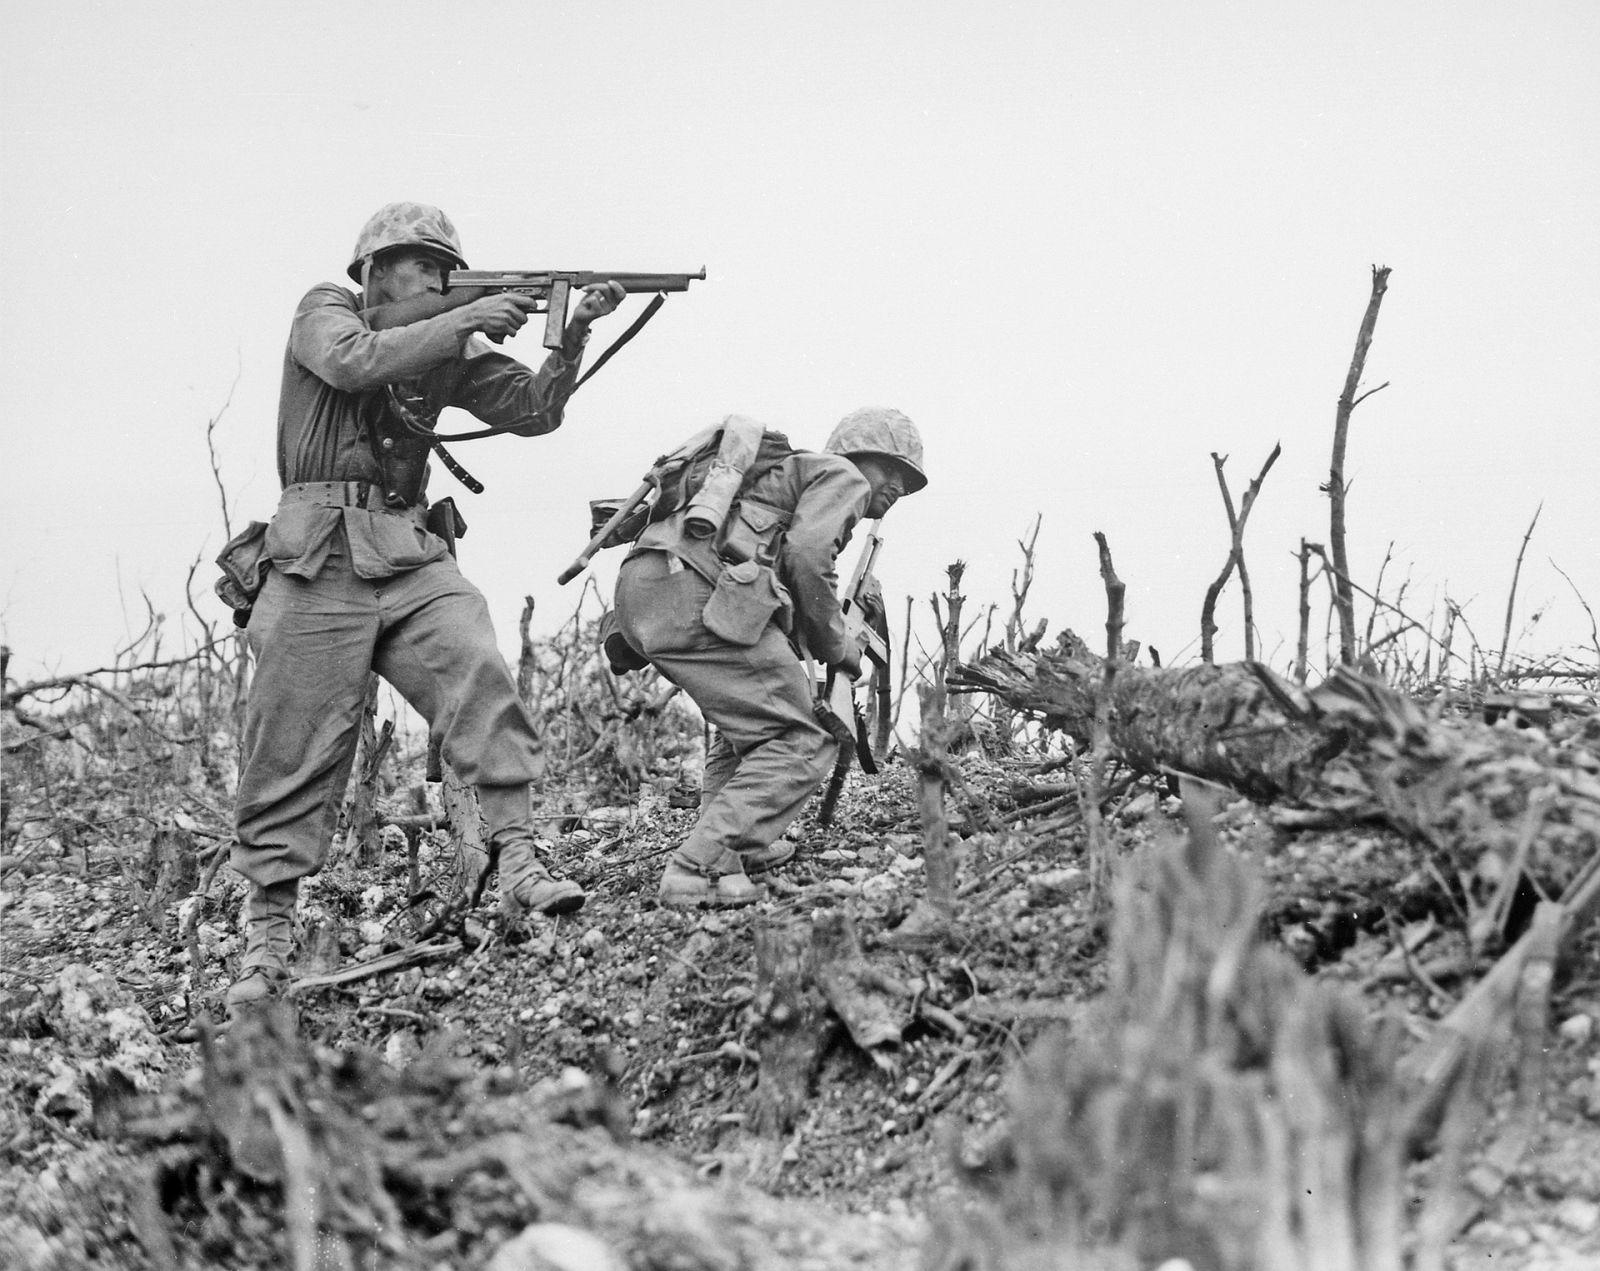 Zbraně druhé světové války V.I.P. - 13 zbraní a 70 nábojů